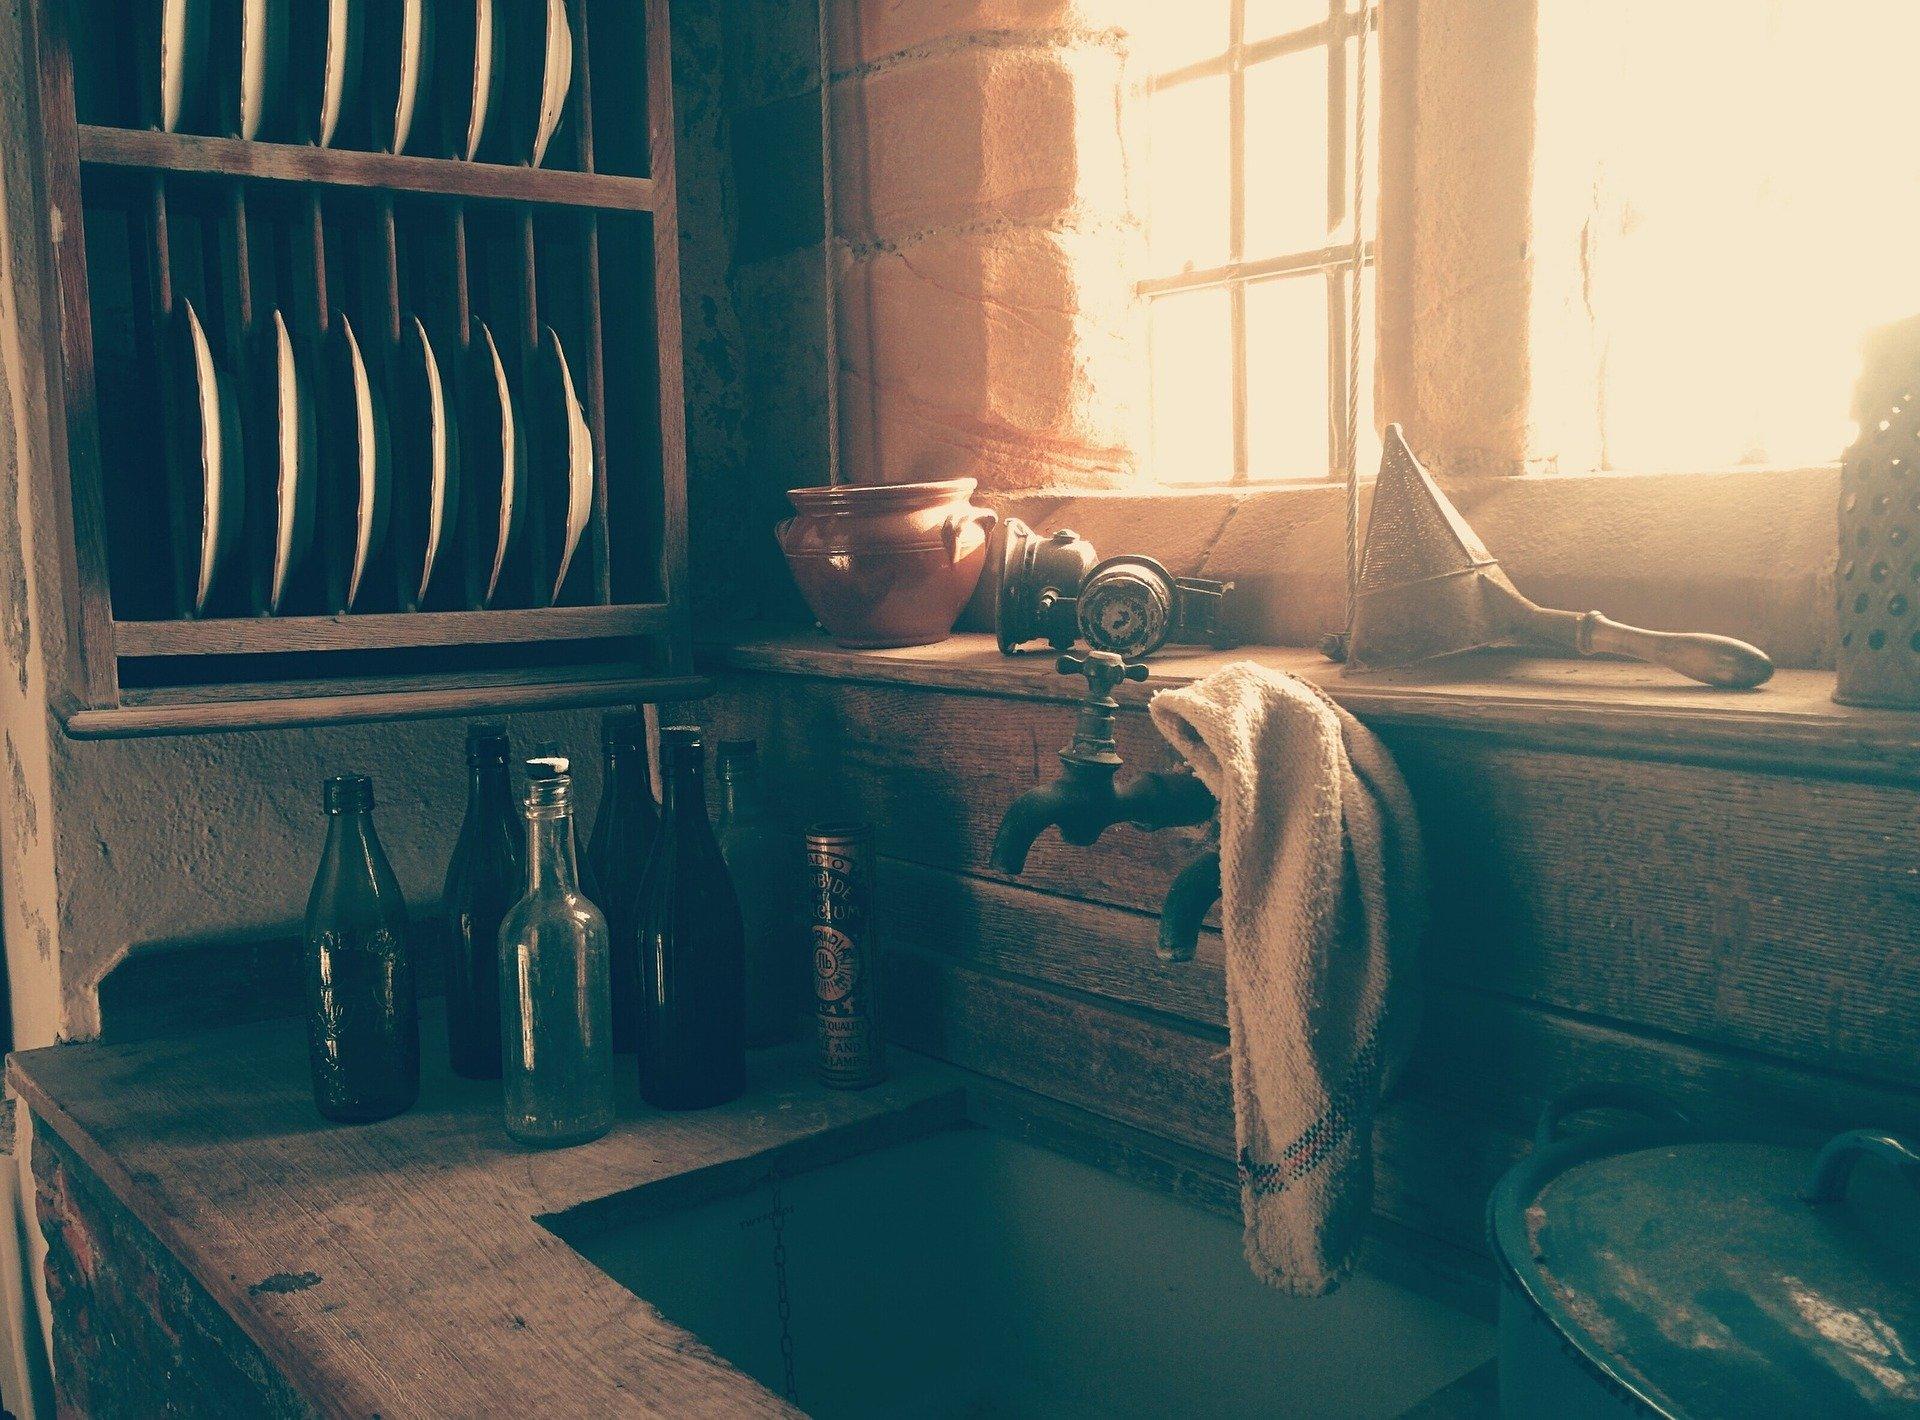 Trapo de cocina en lavaplatos. Fuente: Pixabay